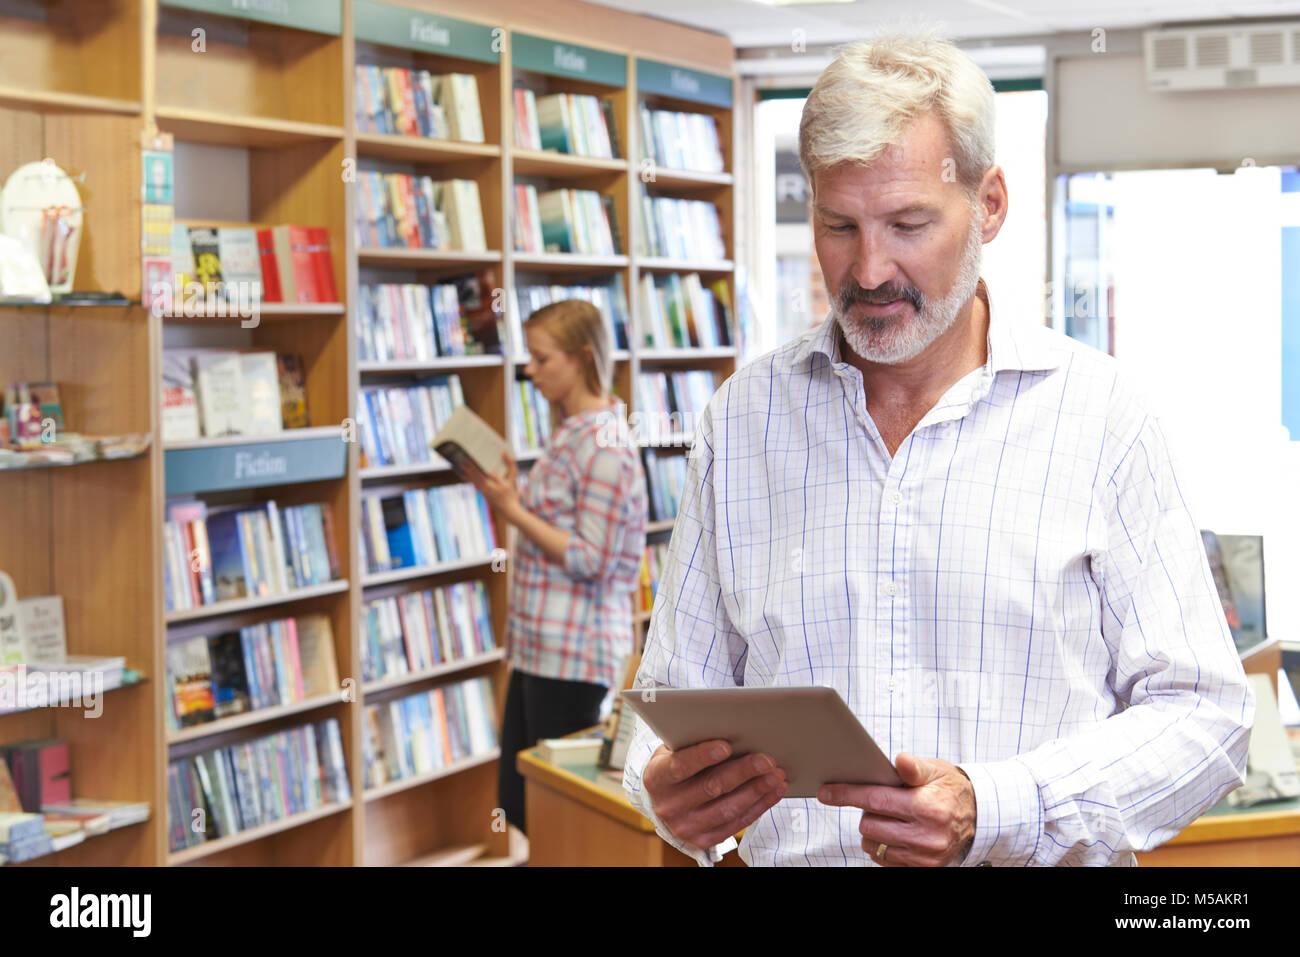 Librairie de l'homme propriétaire Using Digital Tablet avec le client en arrière-plan Photo Stock